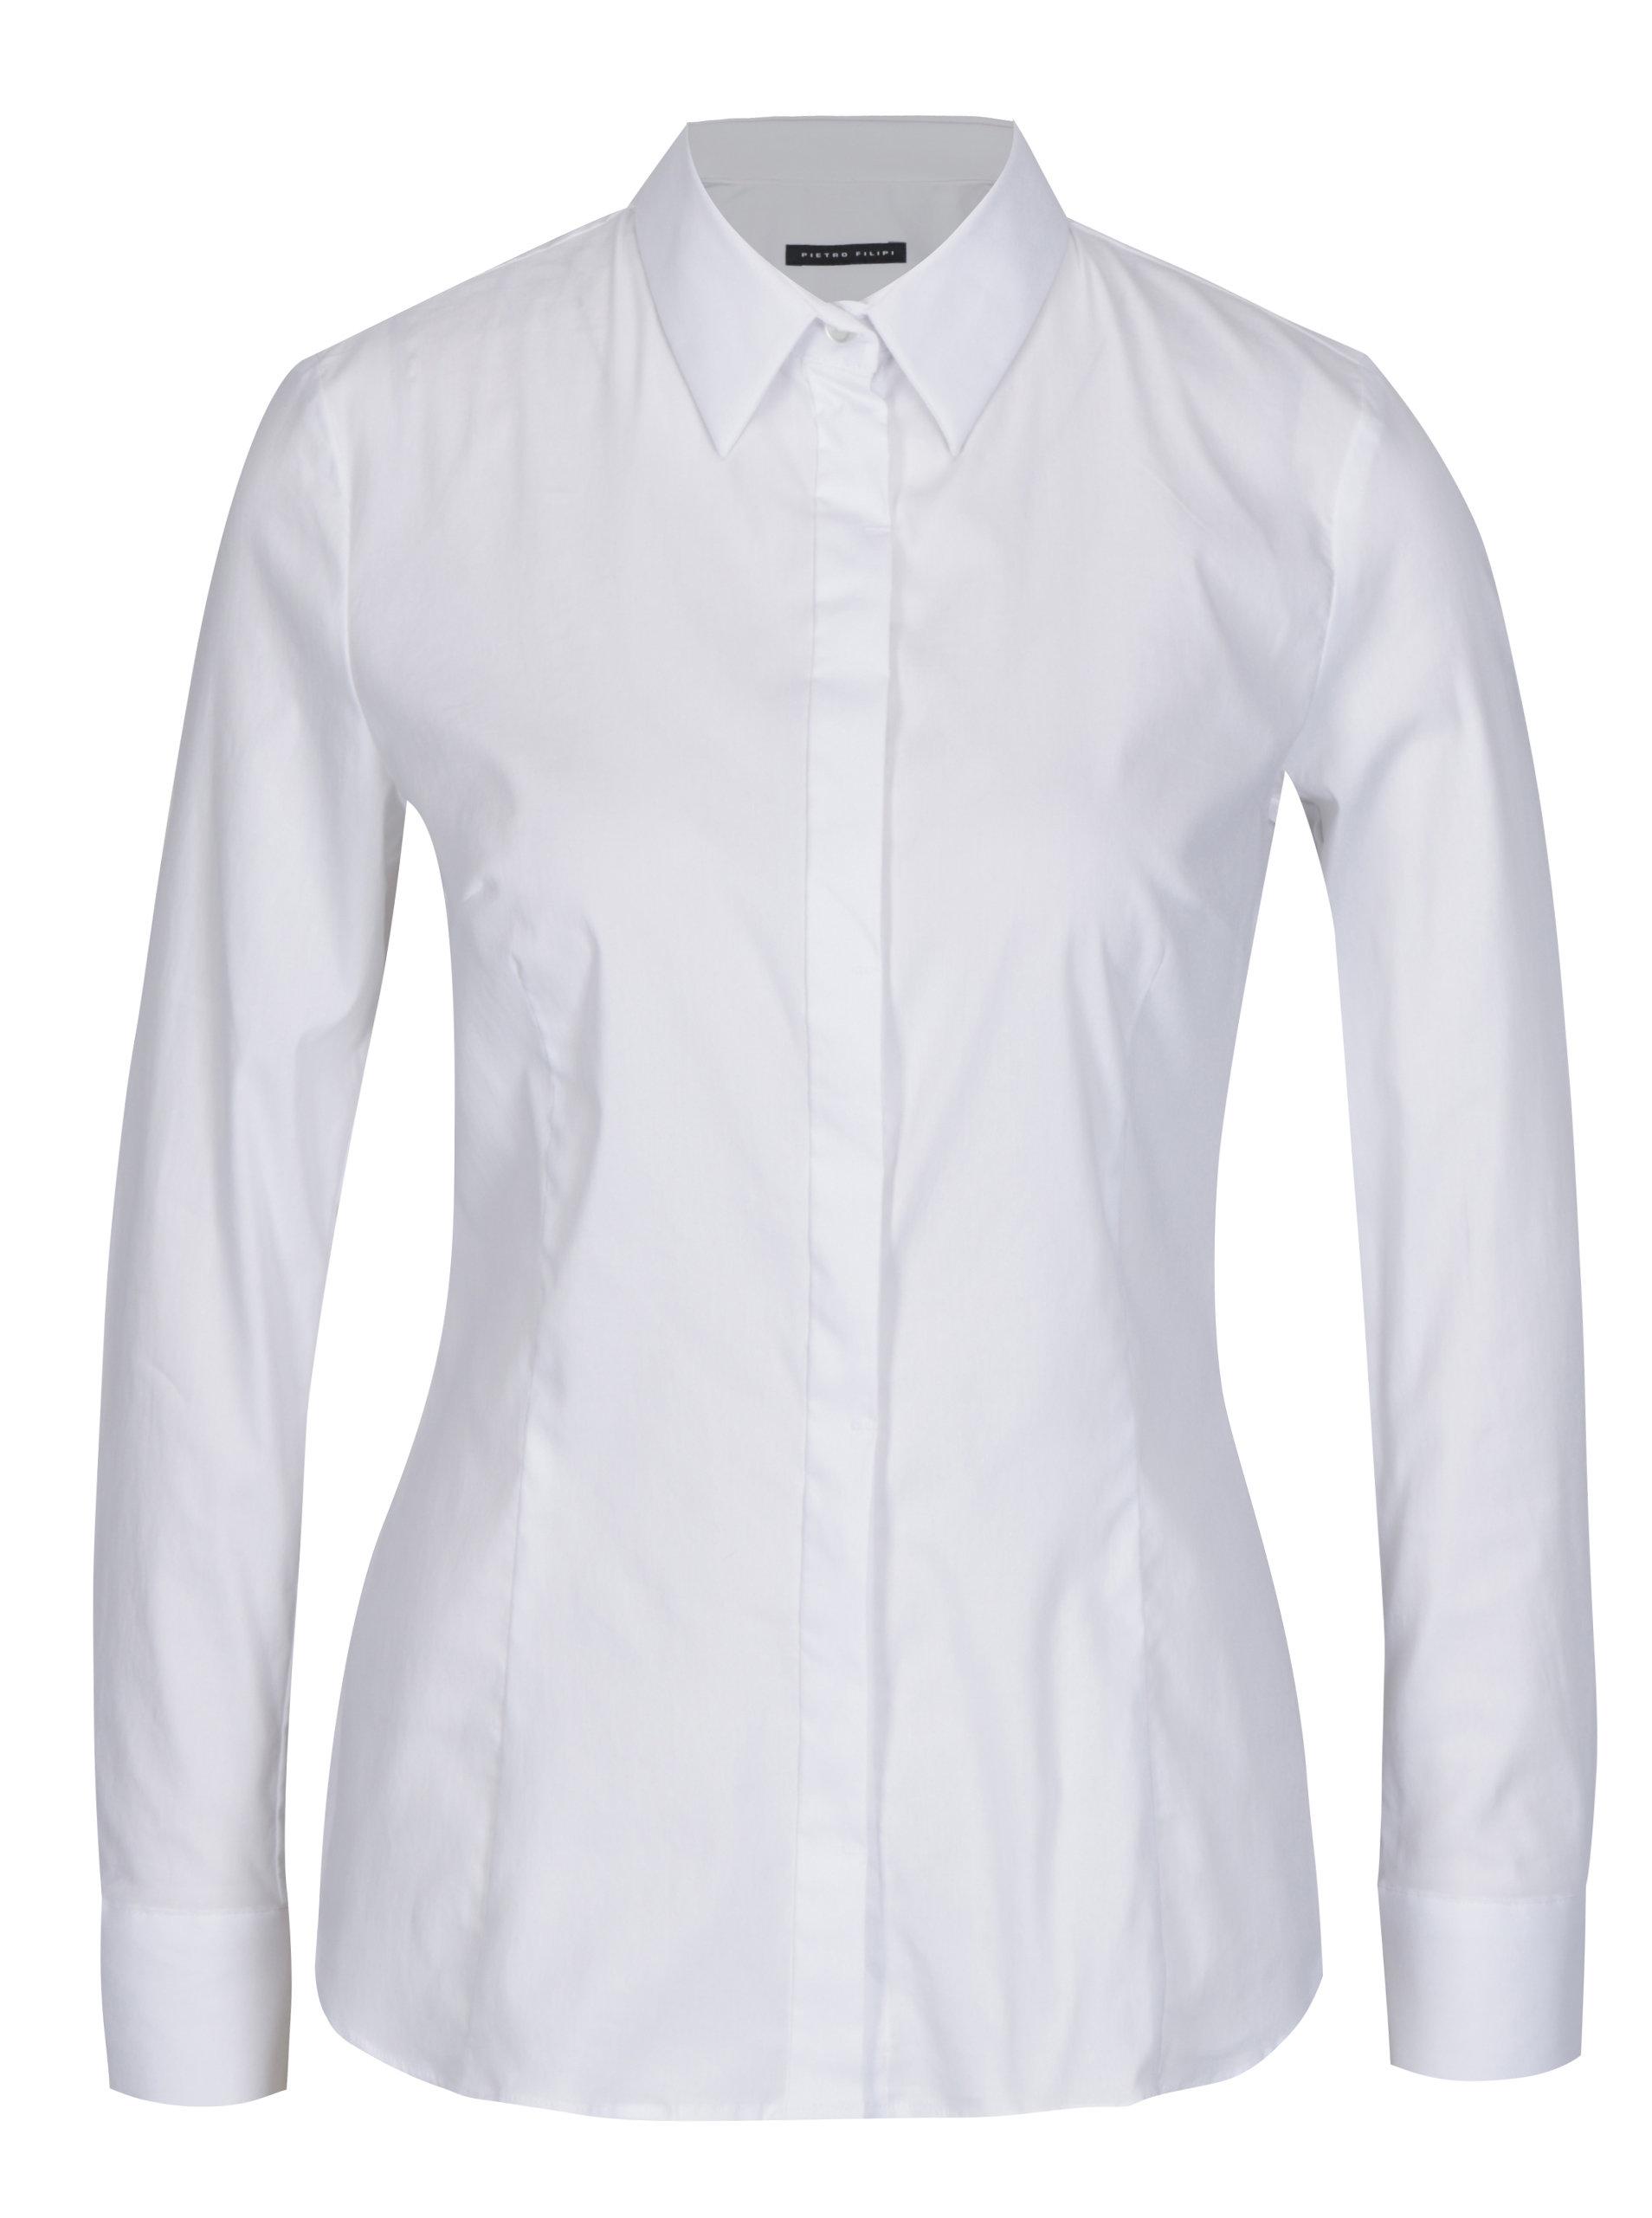 Bílá dámská košile Pietro Filipi ... 6b652261d6